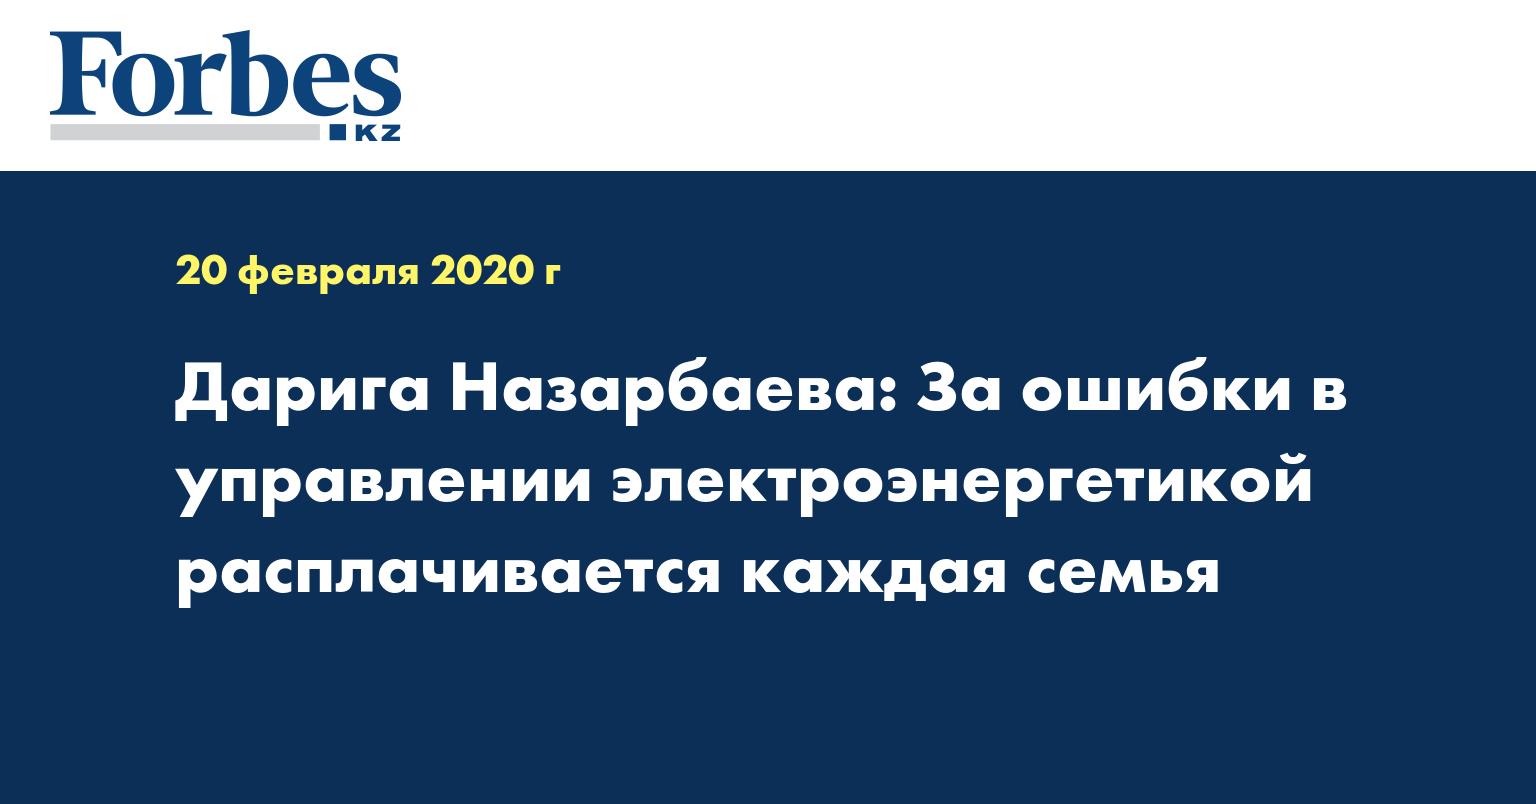 Дарига Назарбаева: За ошибки в управлении электроэнергетикой расплачивается каждая семья